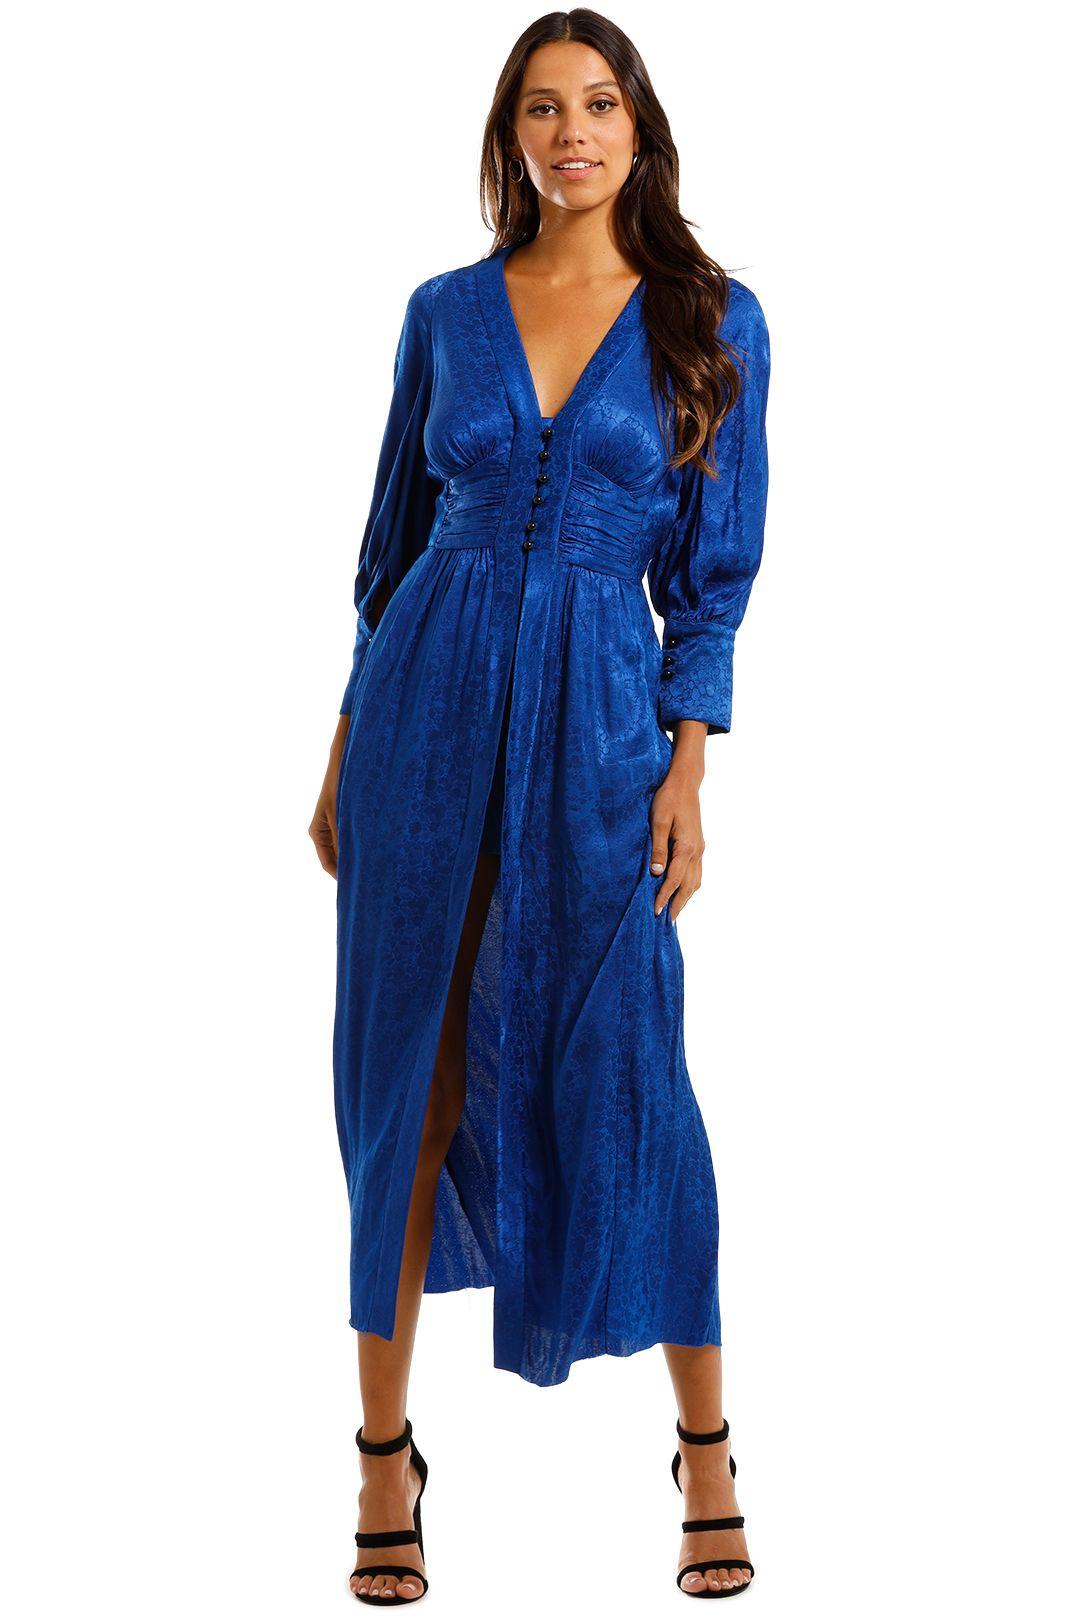 KITX Slinky Dress Blue Maxi Dress